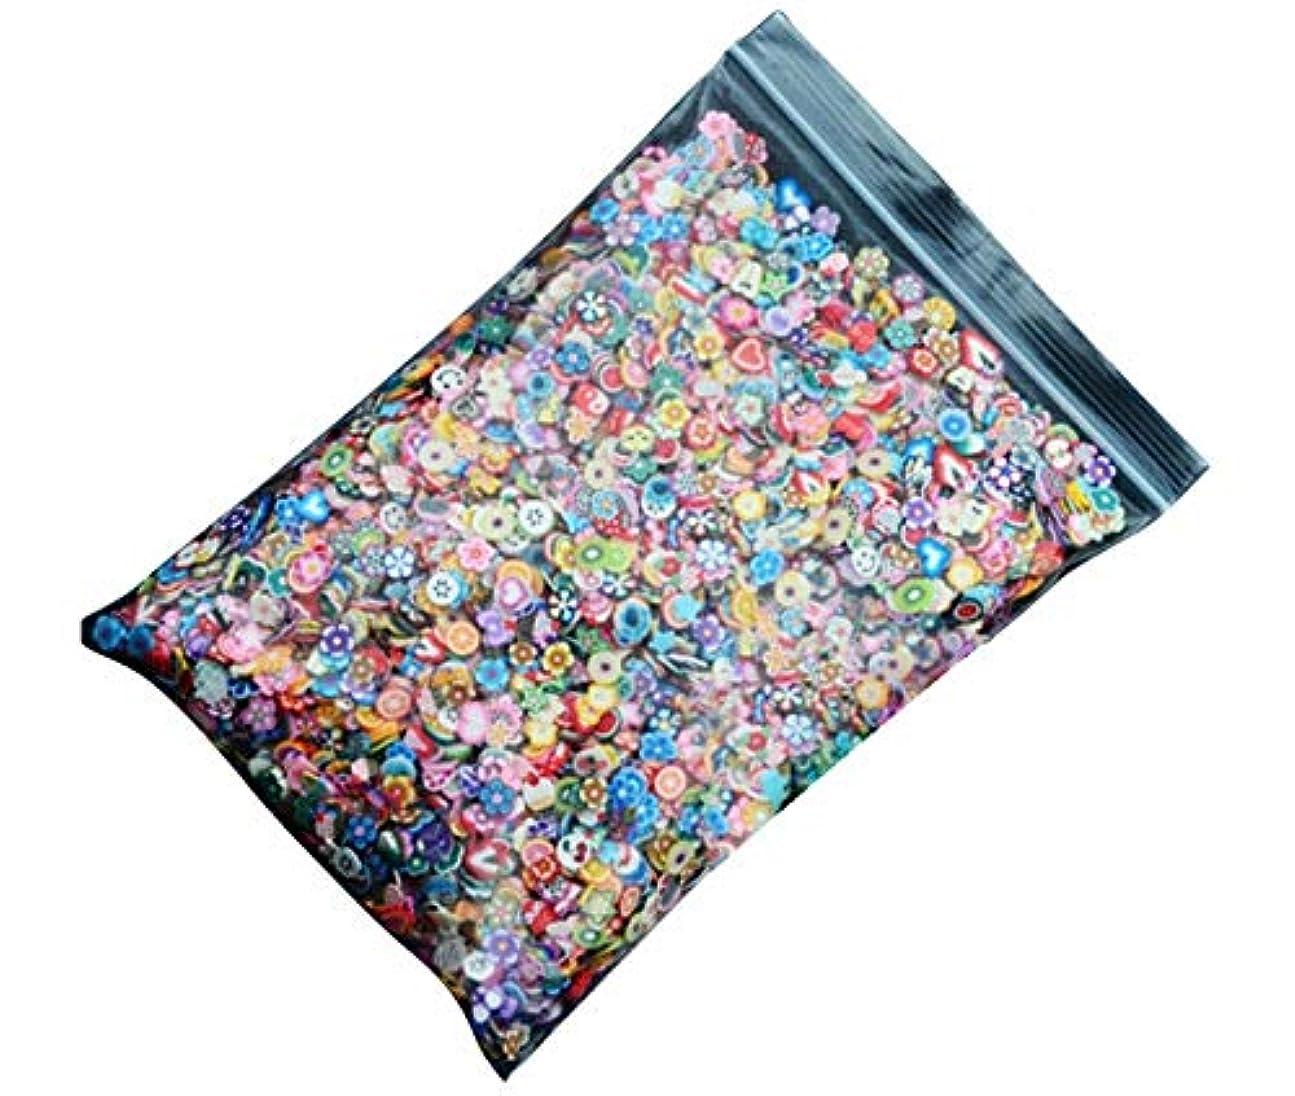 パーティションむしゃむしゃ不良品Tianmey ソフト陶磁器デザインネイルアートステッカーマニキュア美しいファッションアクセサリー装飾DIYモバイル美容パッチ千個 (Color : Mixing)